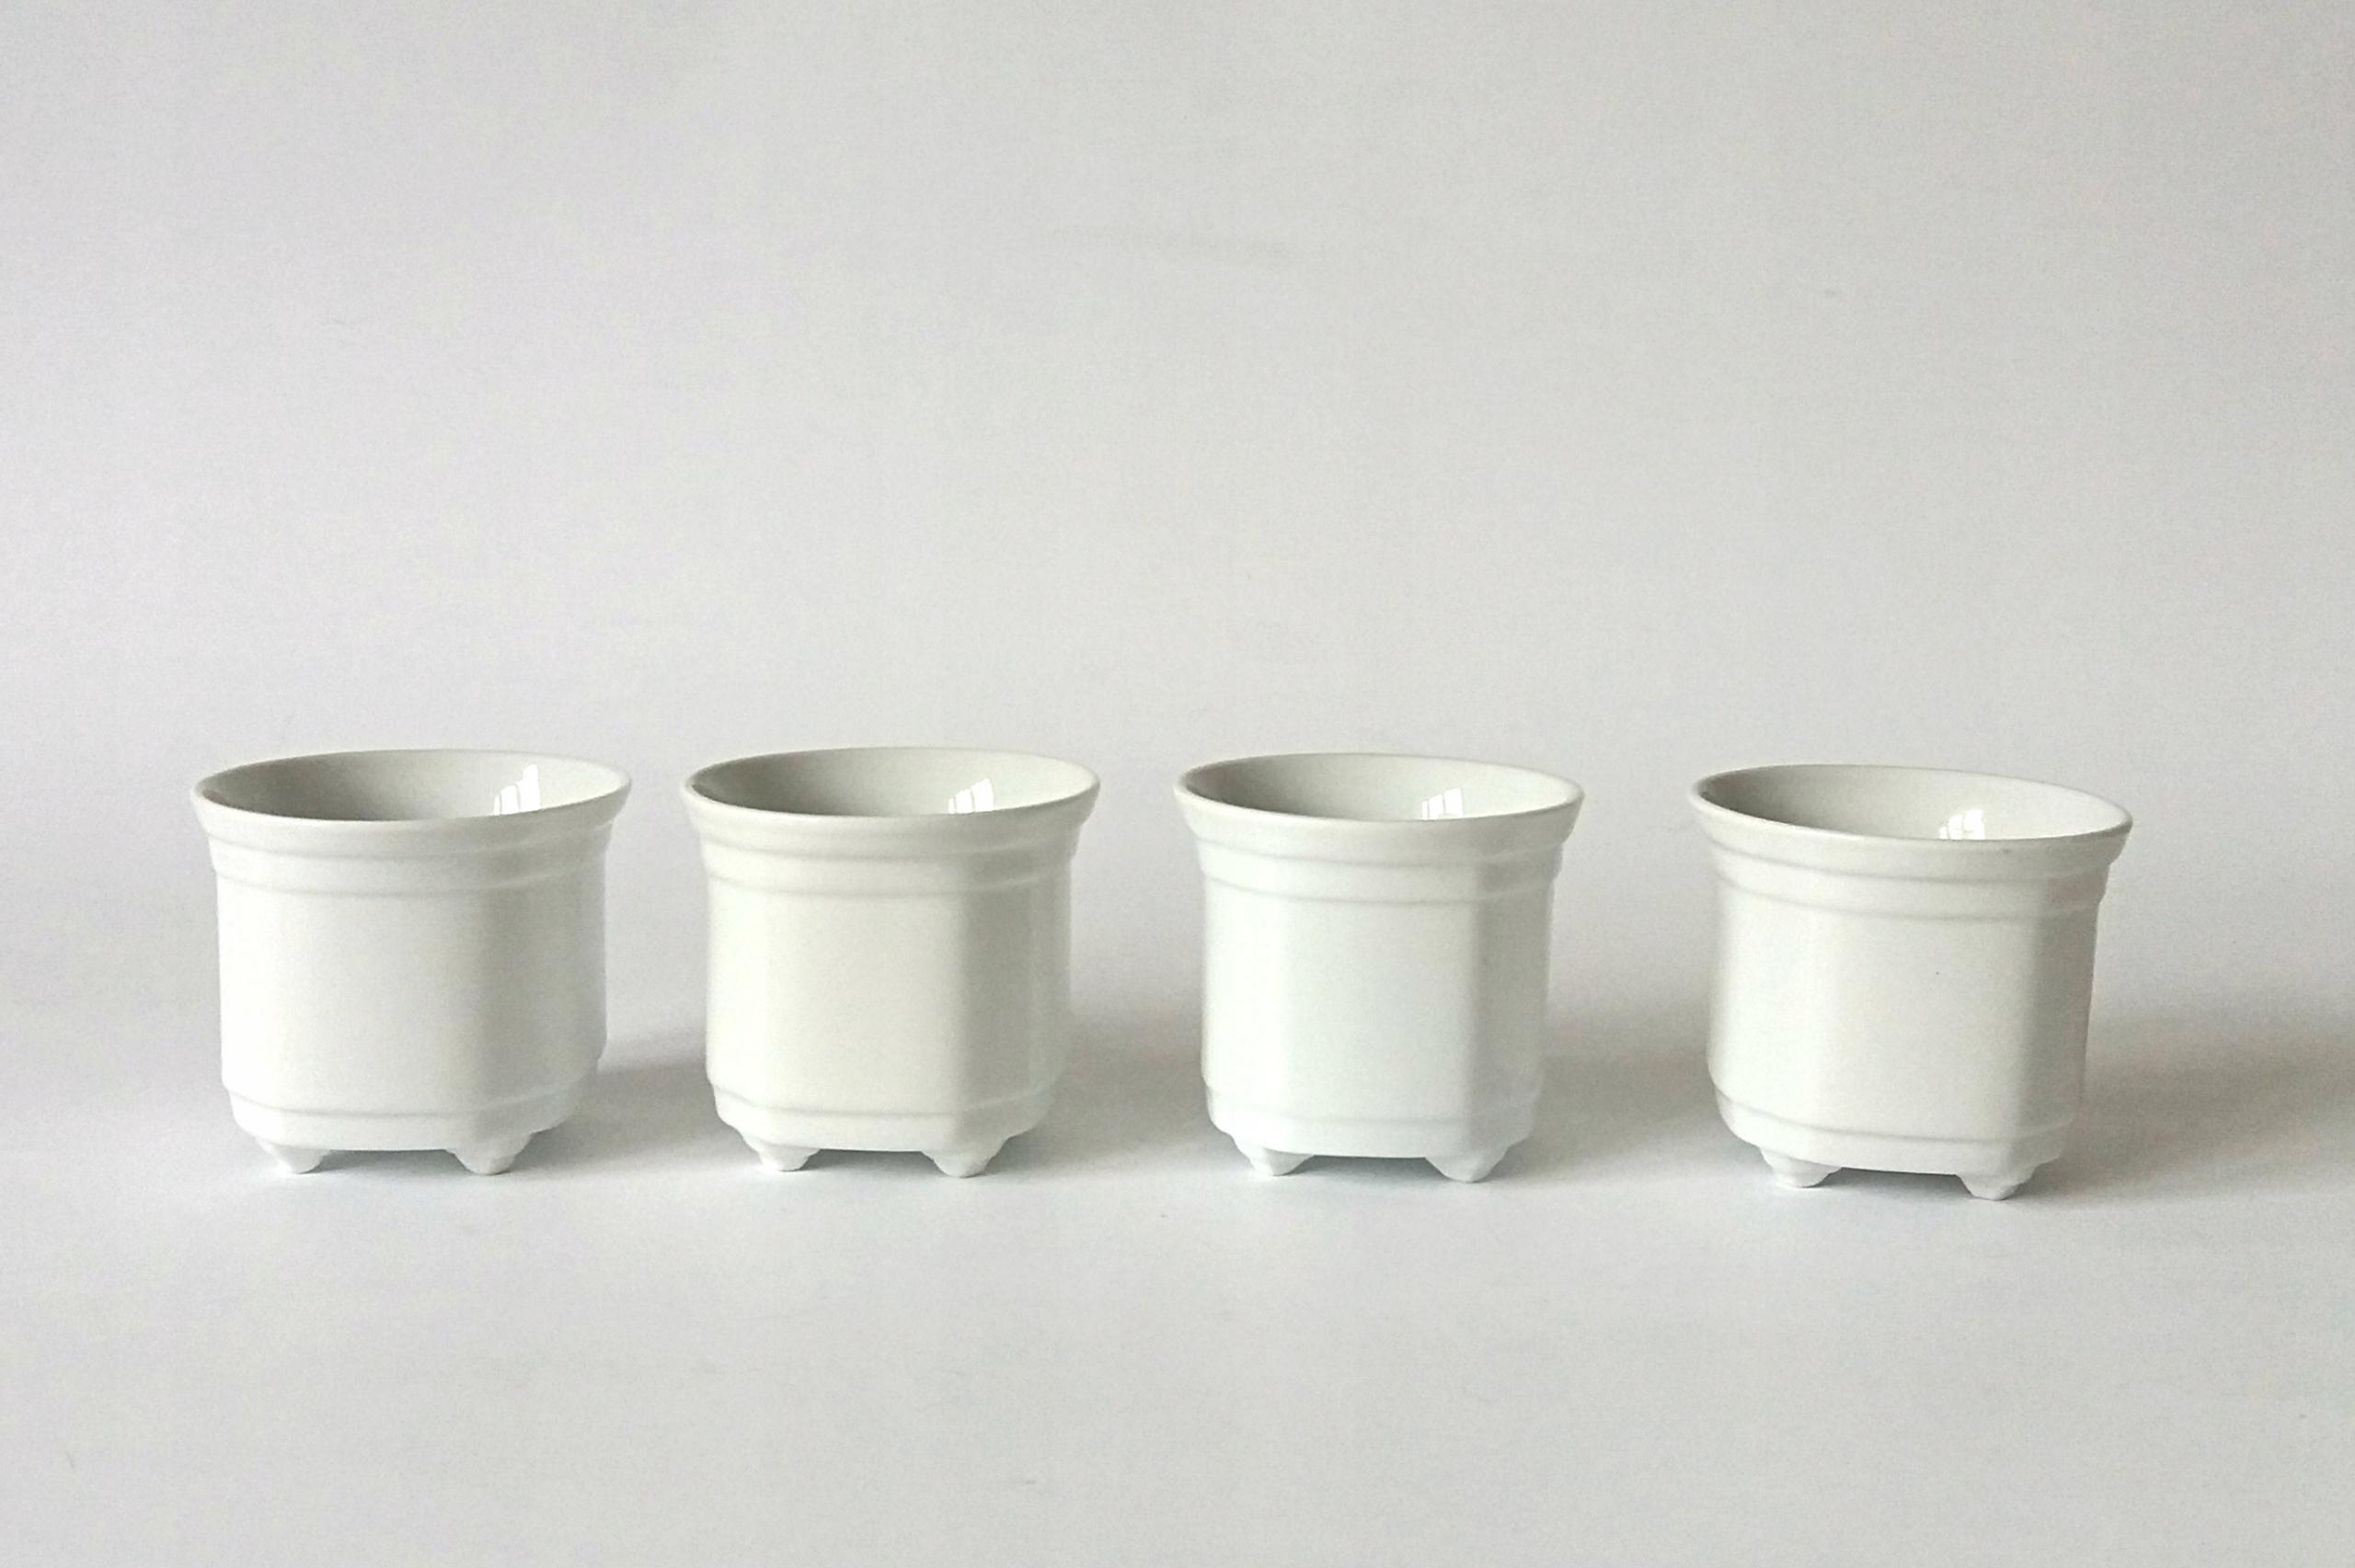 Doniczki Białe Ceramiczne Komplet 4 Szt Bcm